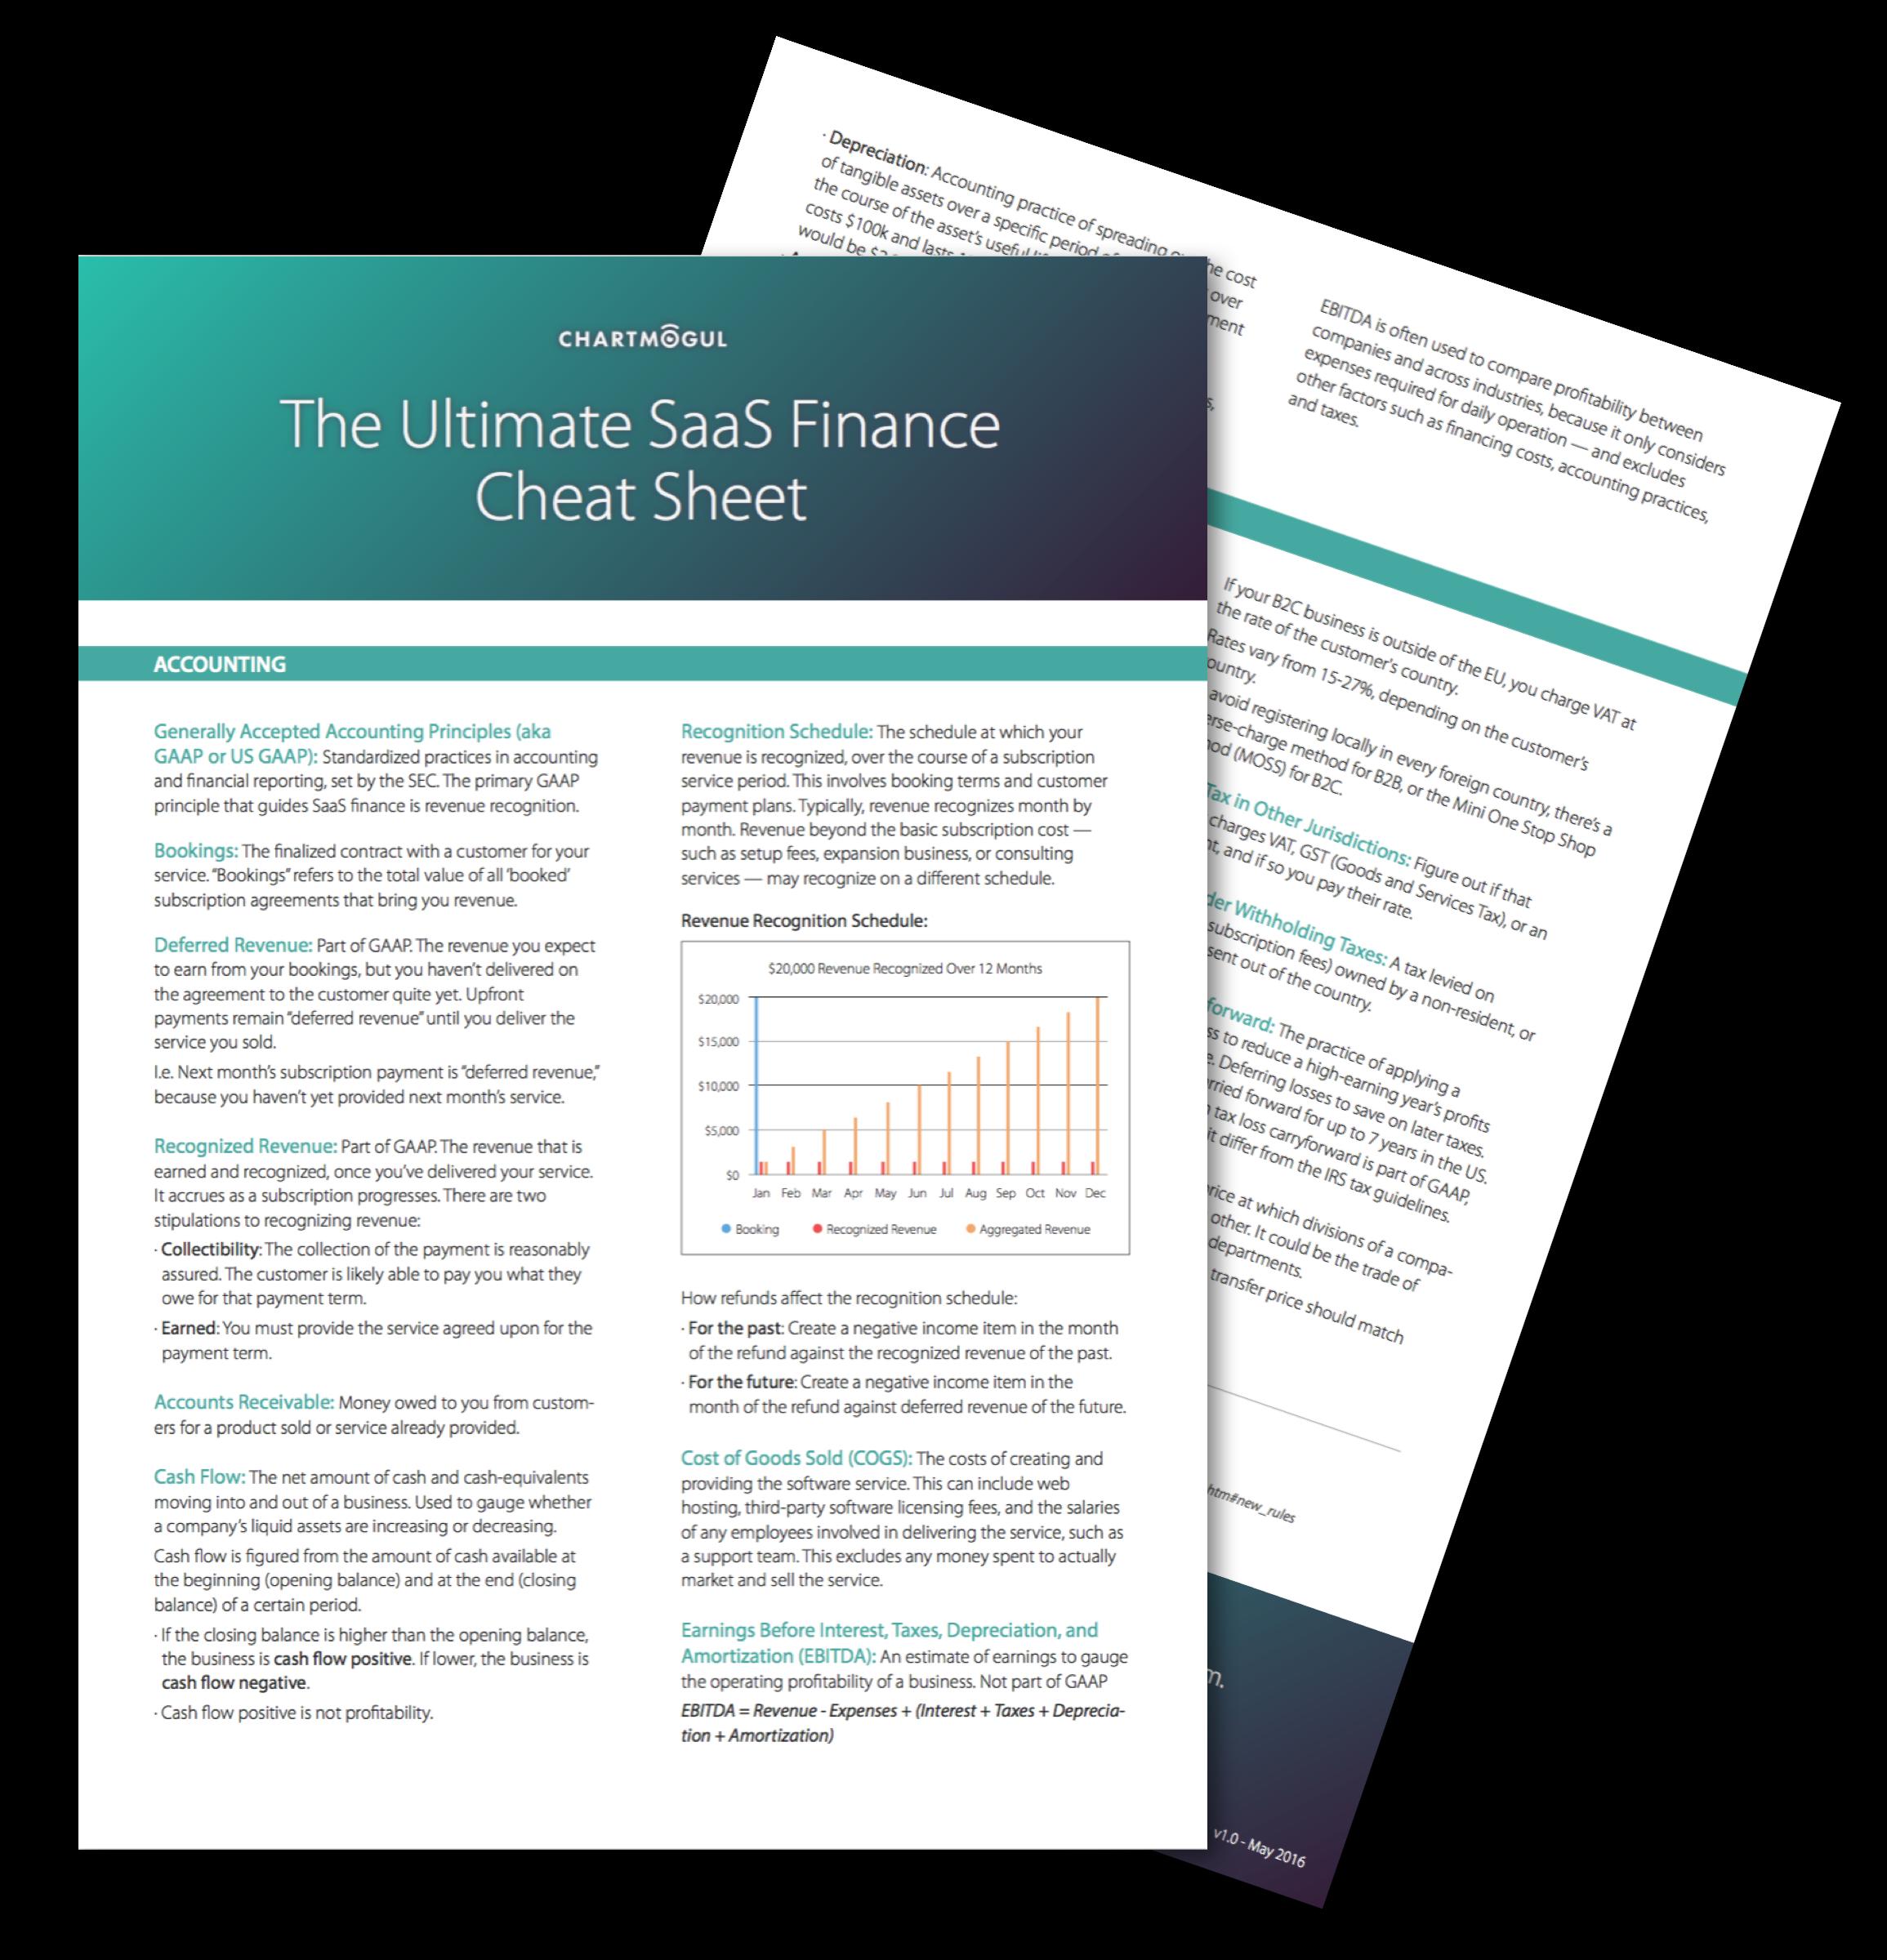 SaaS Finance